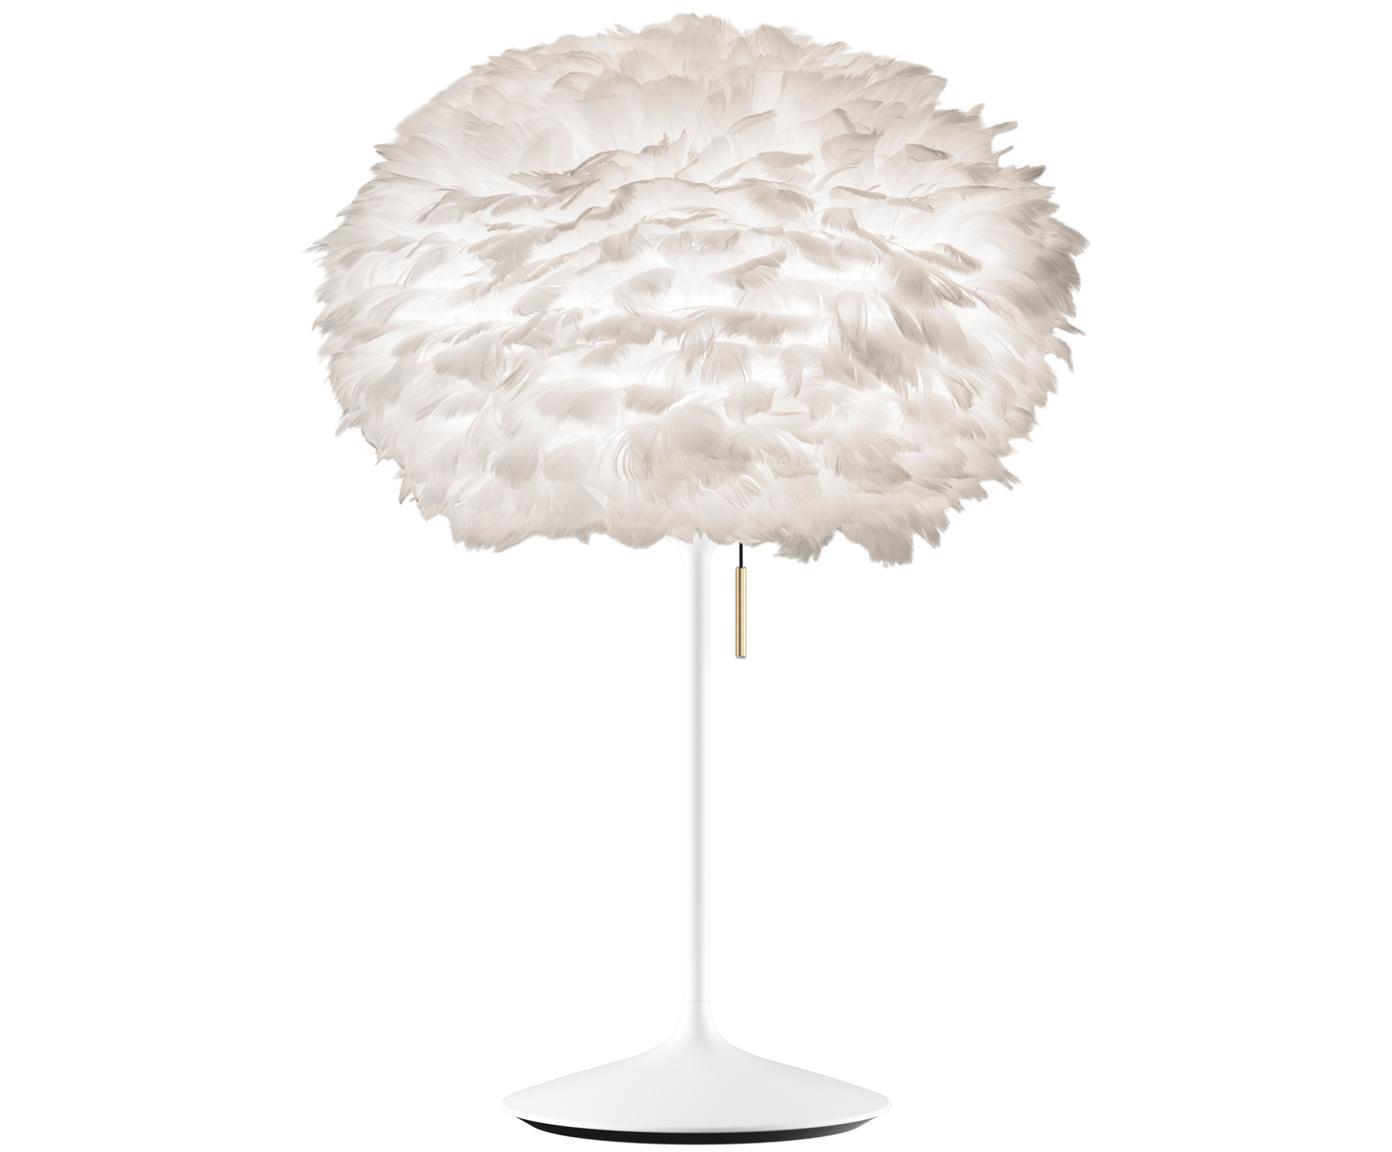 Große Tischleuchte Eos aus Federn, Lampenschirm: Polypropylen, Polycarbona, Lampenfuß: Aluminium, lackiert, Gestell: Stahl, Weiß, Ø 45 x H 72 cm